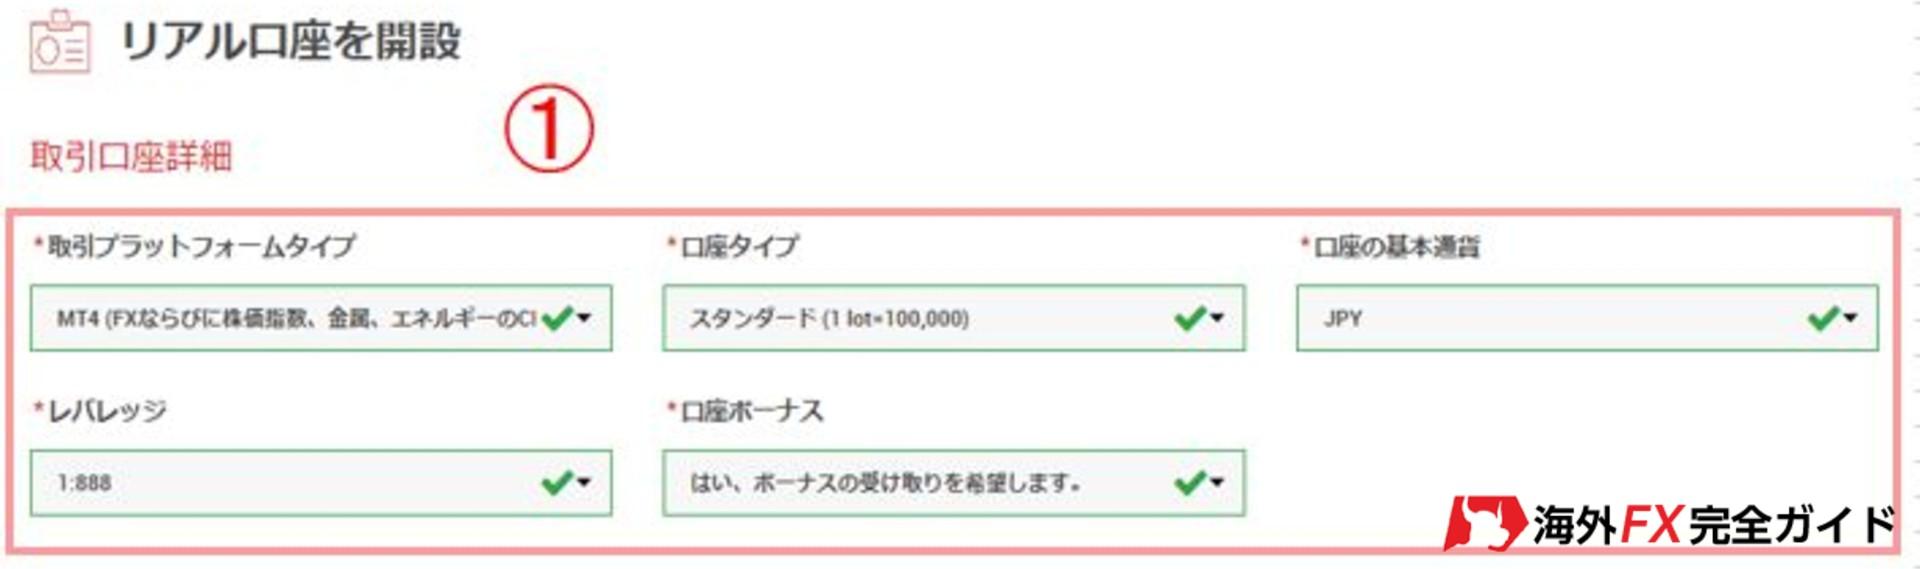 XM複数口座開設方法の詳細設定